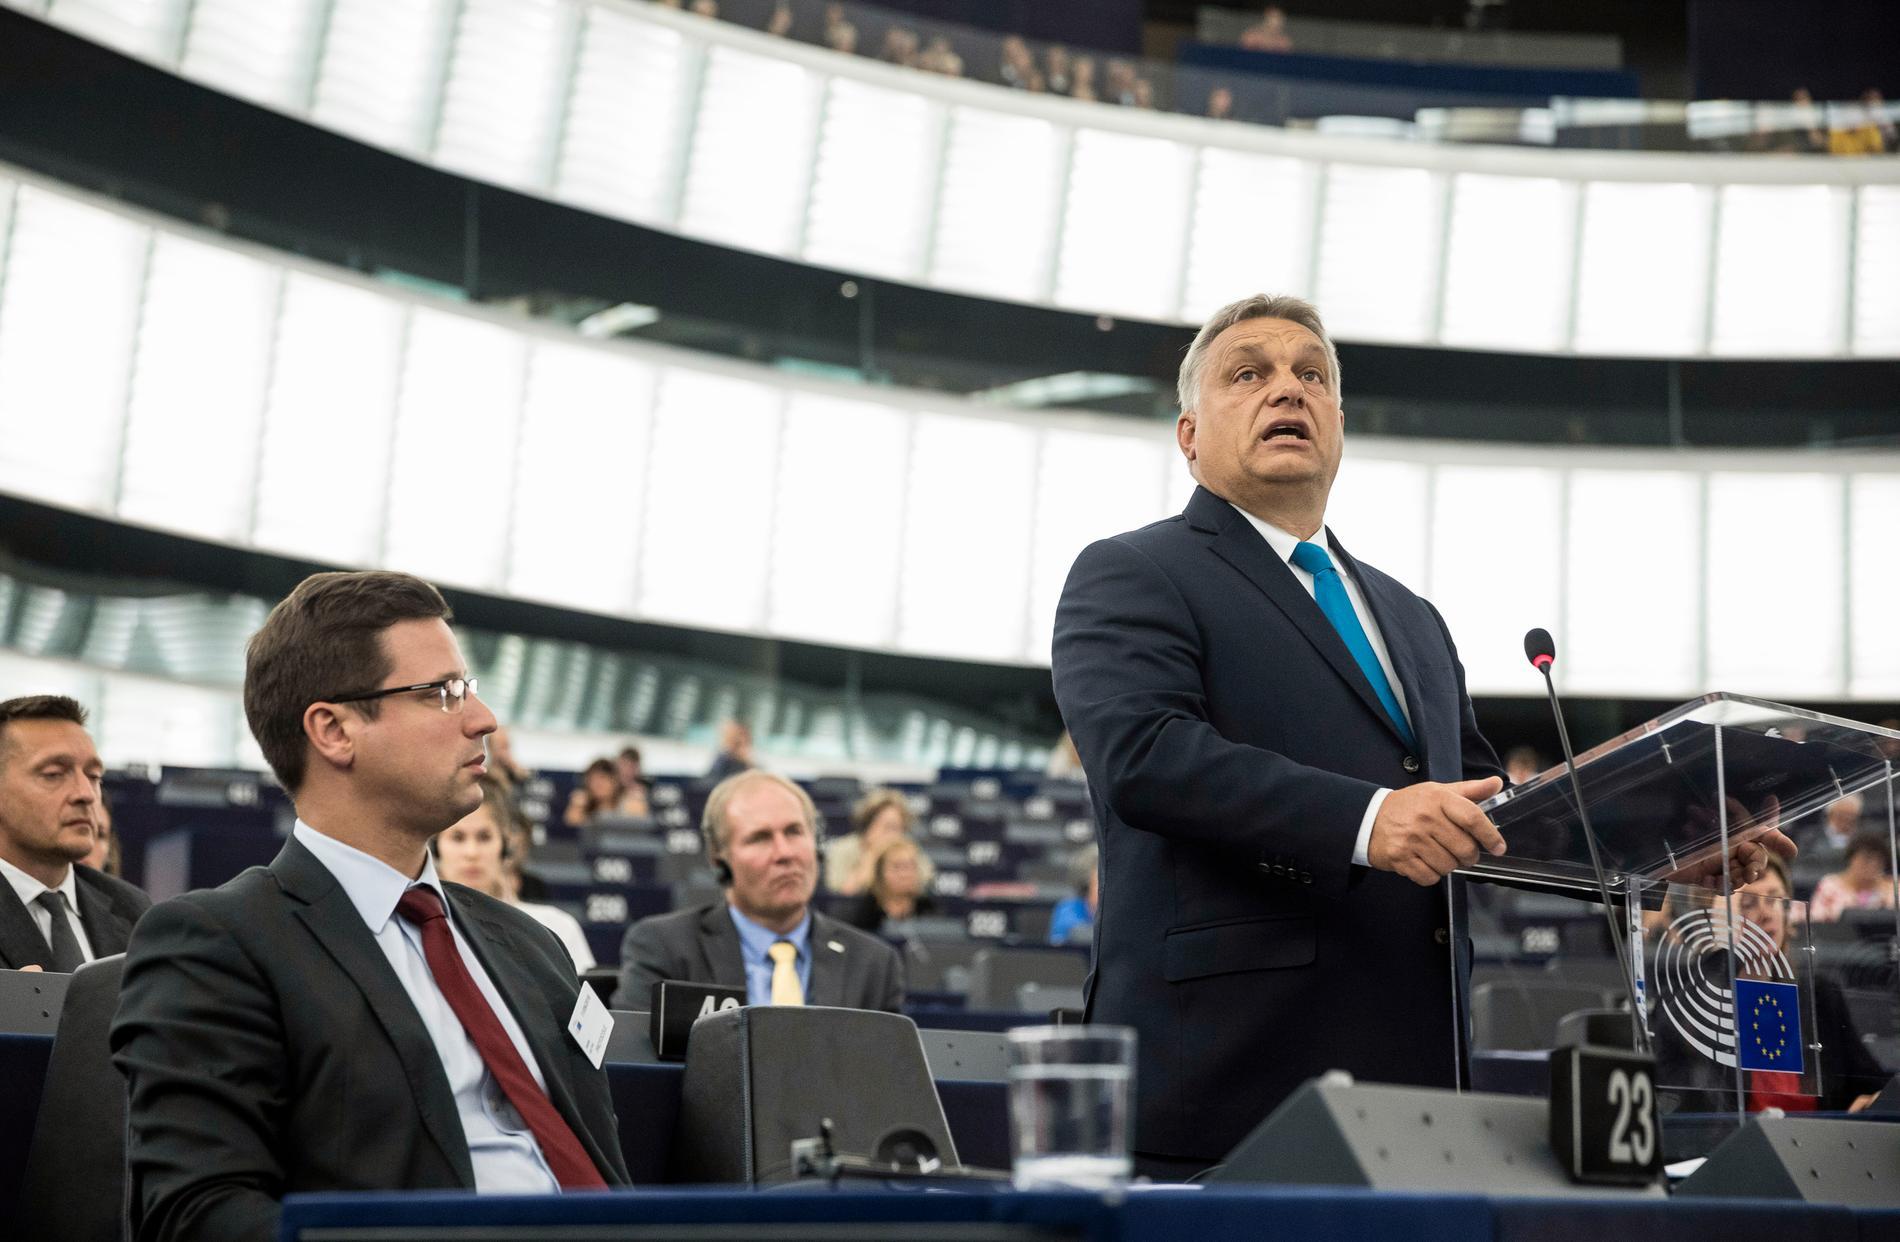 Ungerns premiärminister Viktor Orbán på plats i EU-parlamentet.